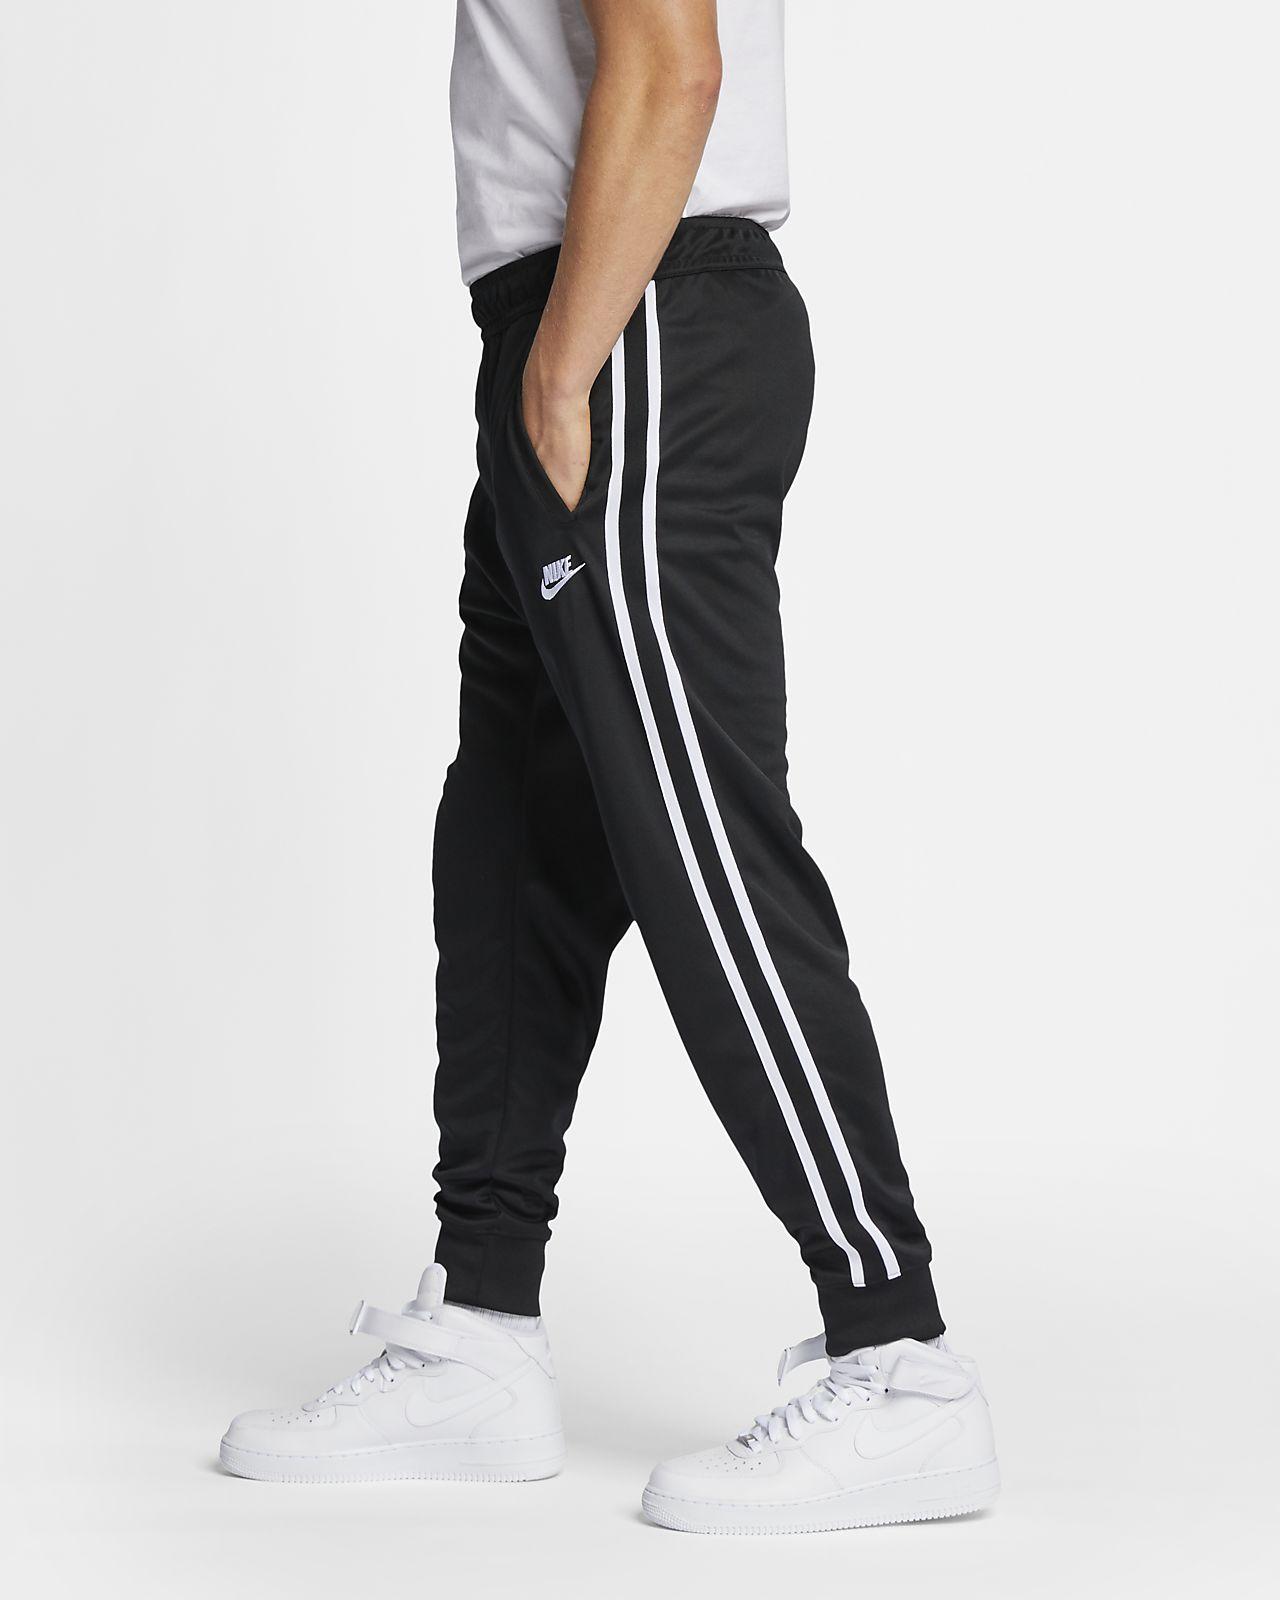 Nike Sportswear Pour Pantalon Jogging De Homme QBedoWrCx